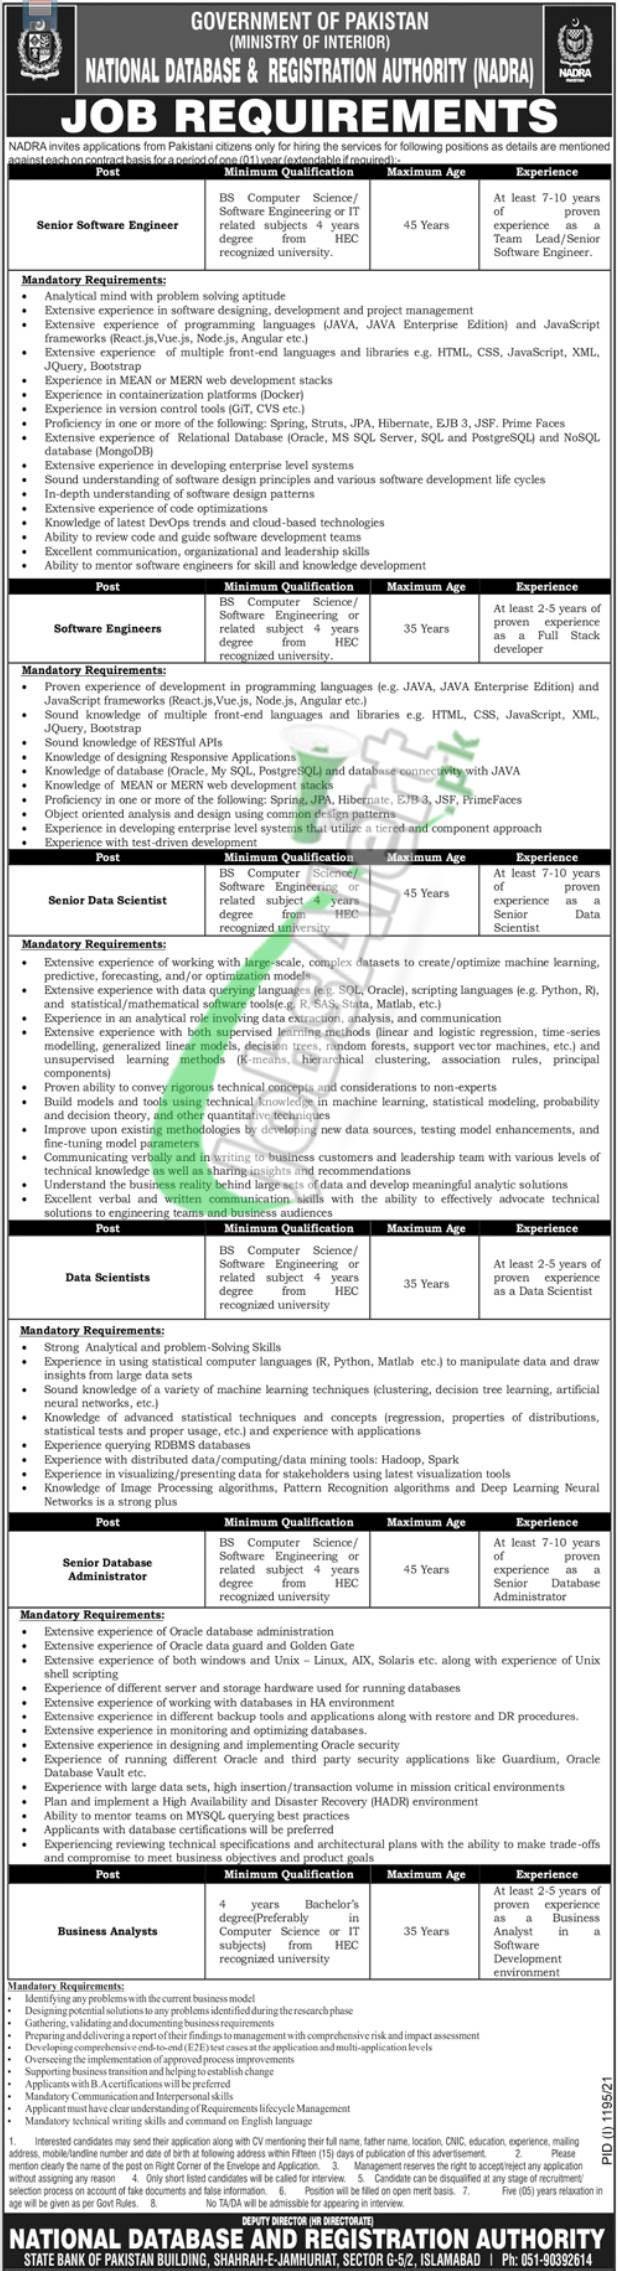 NADRA Jobs in Islamabad